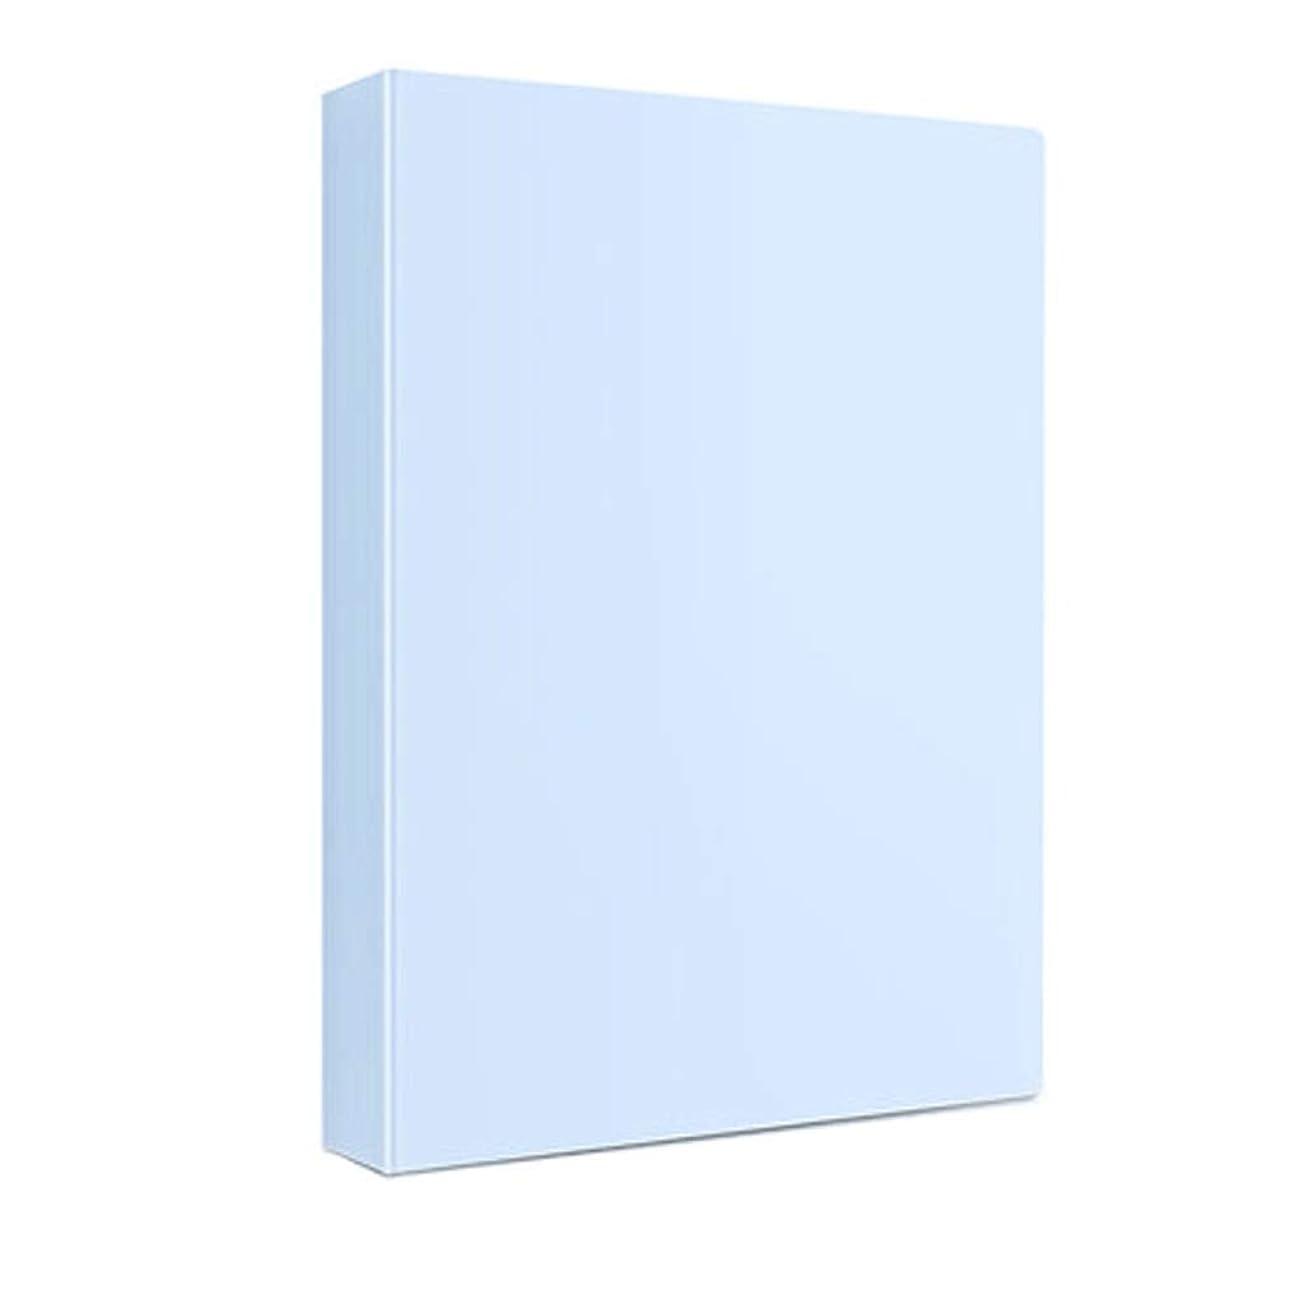 フォルダ事務用品A4ダブル強いクリップ情報フォルダ挿入本機能シングルクリップ多層ファイルバッグ情報ブック収納ボックス学生情報ブックプラスチックファイルフォルダセット事務用品 (Color : B, Size : 60 pages)